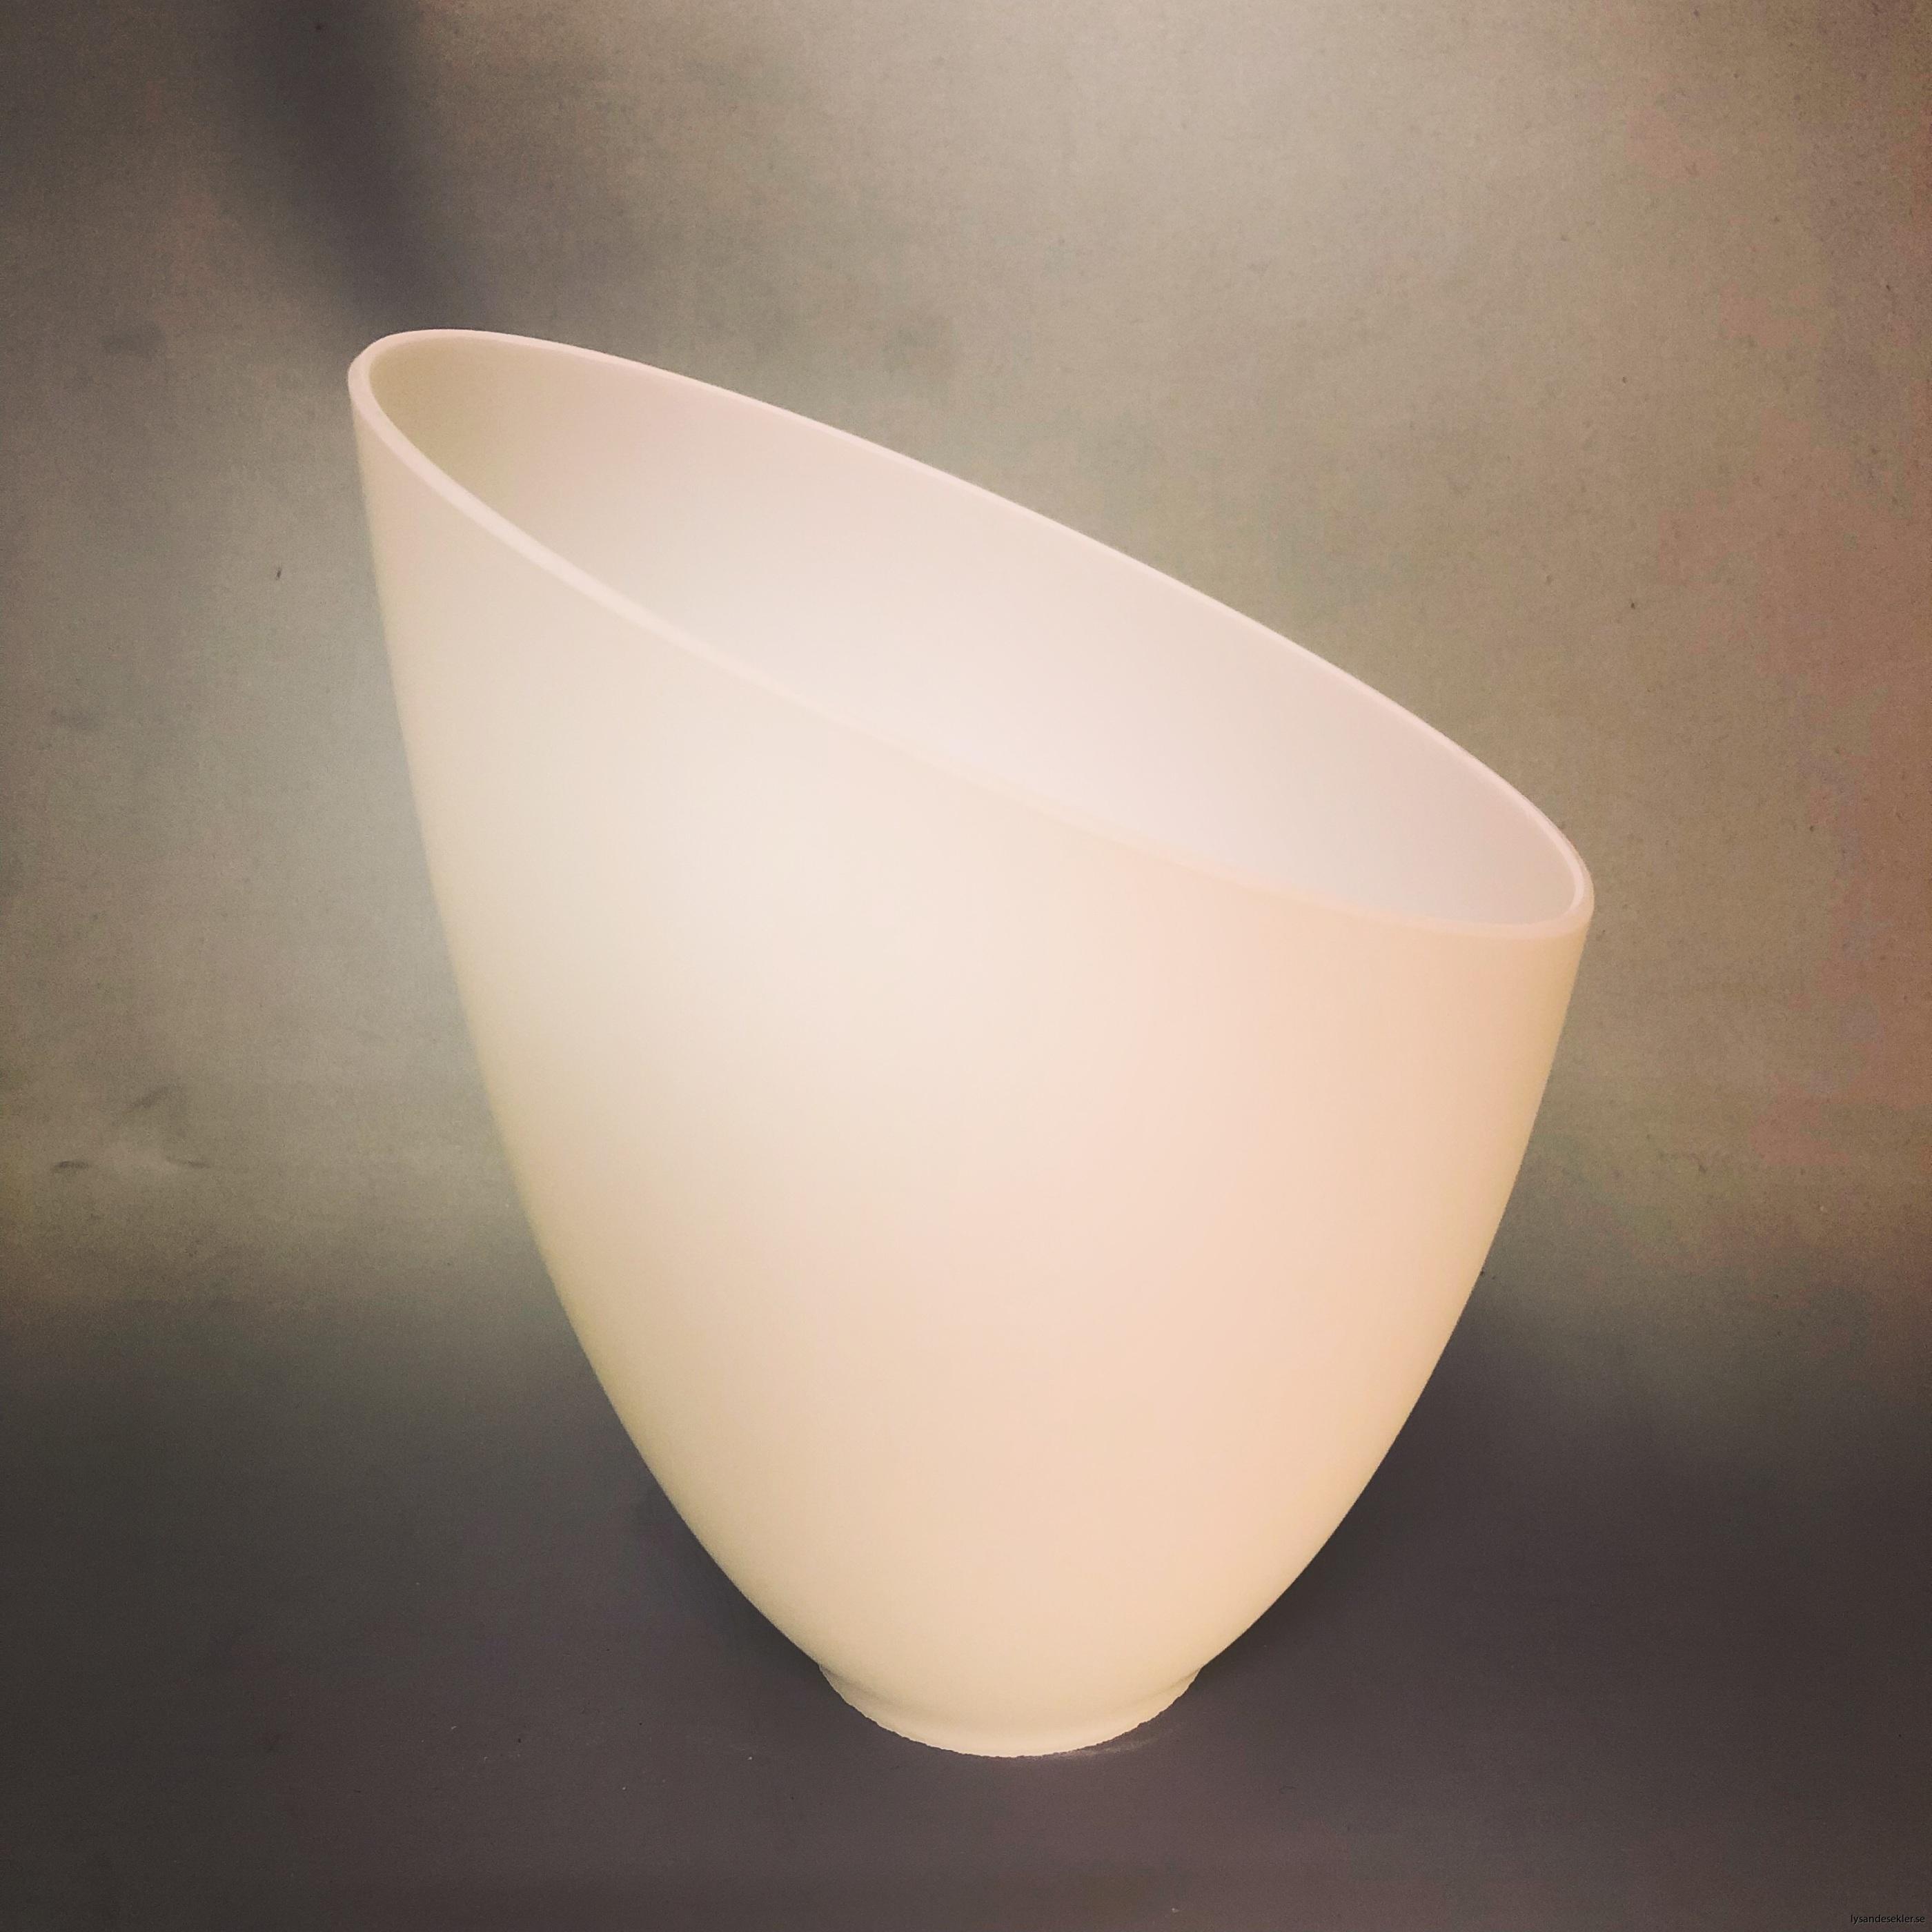 snedskuren lampskärm med hål i matt glas1